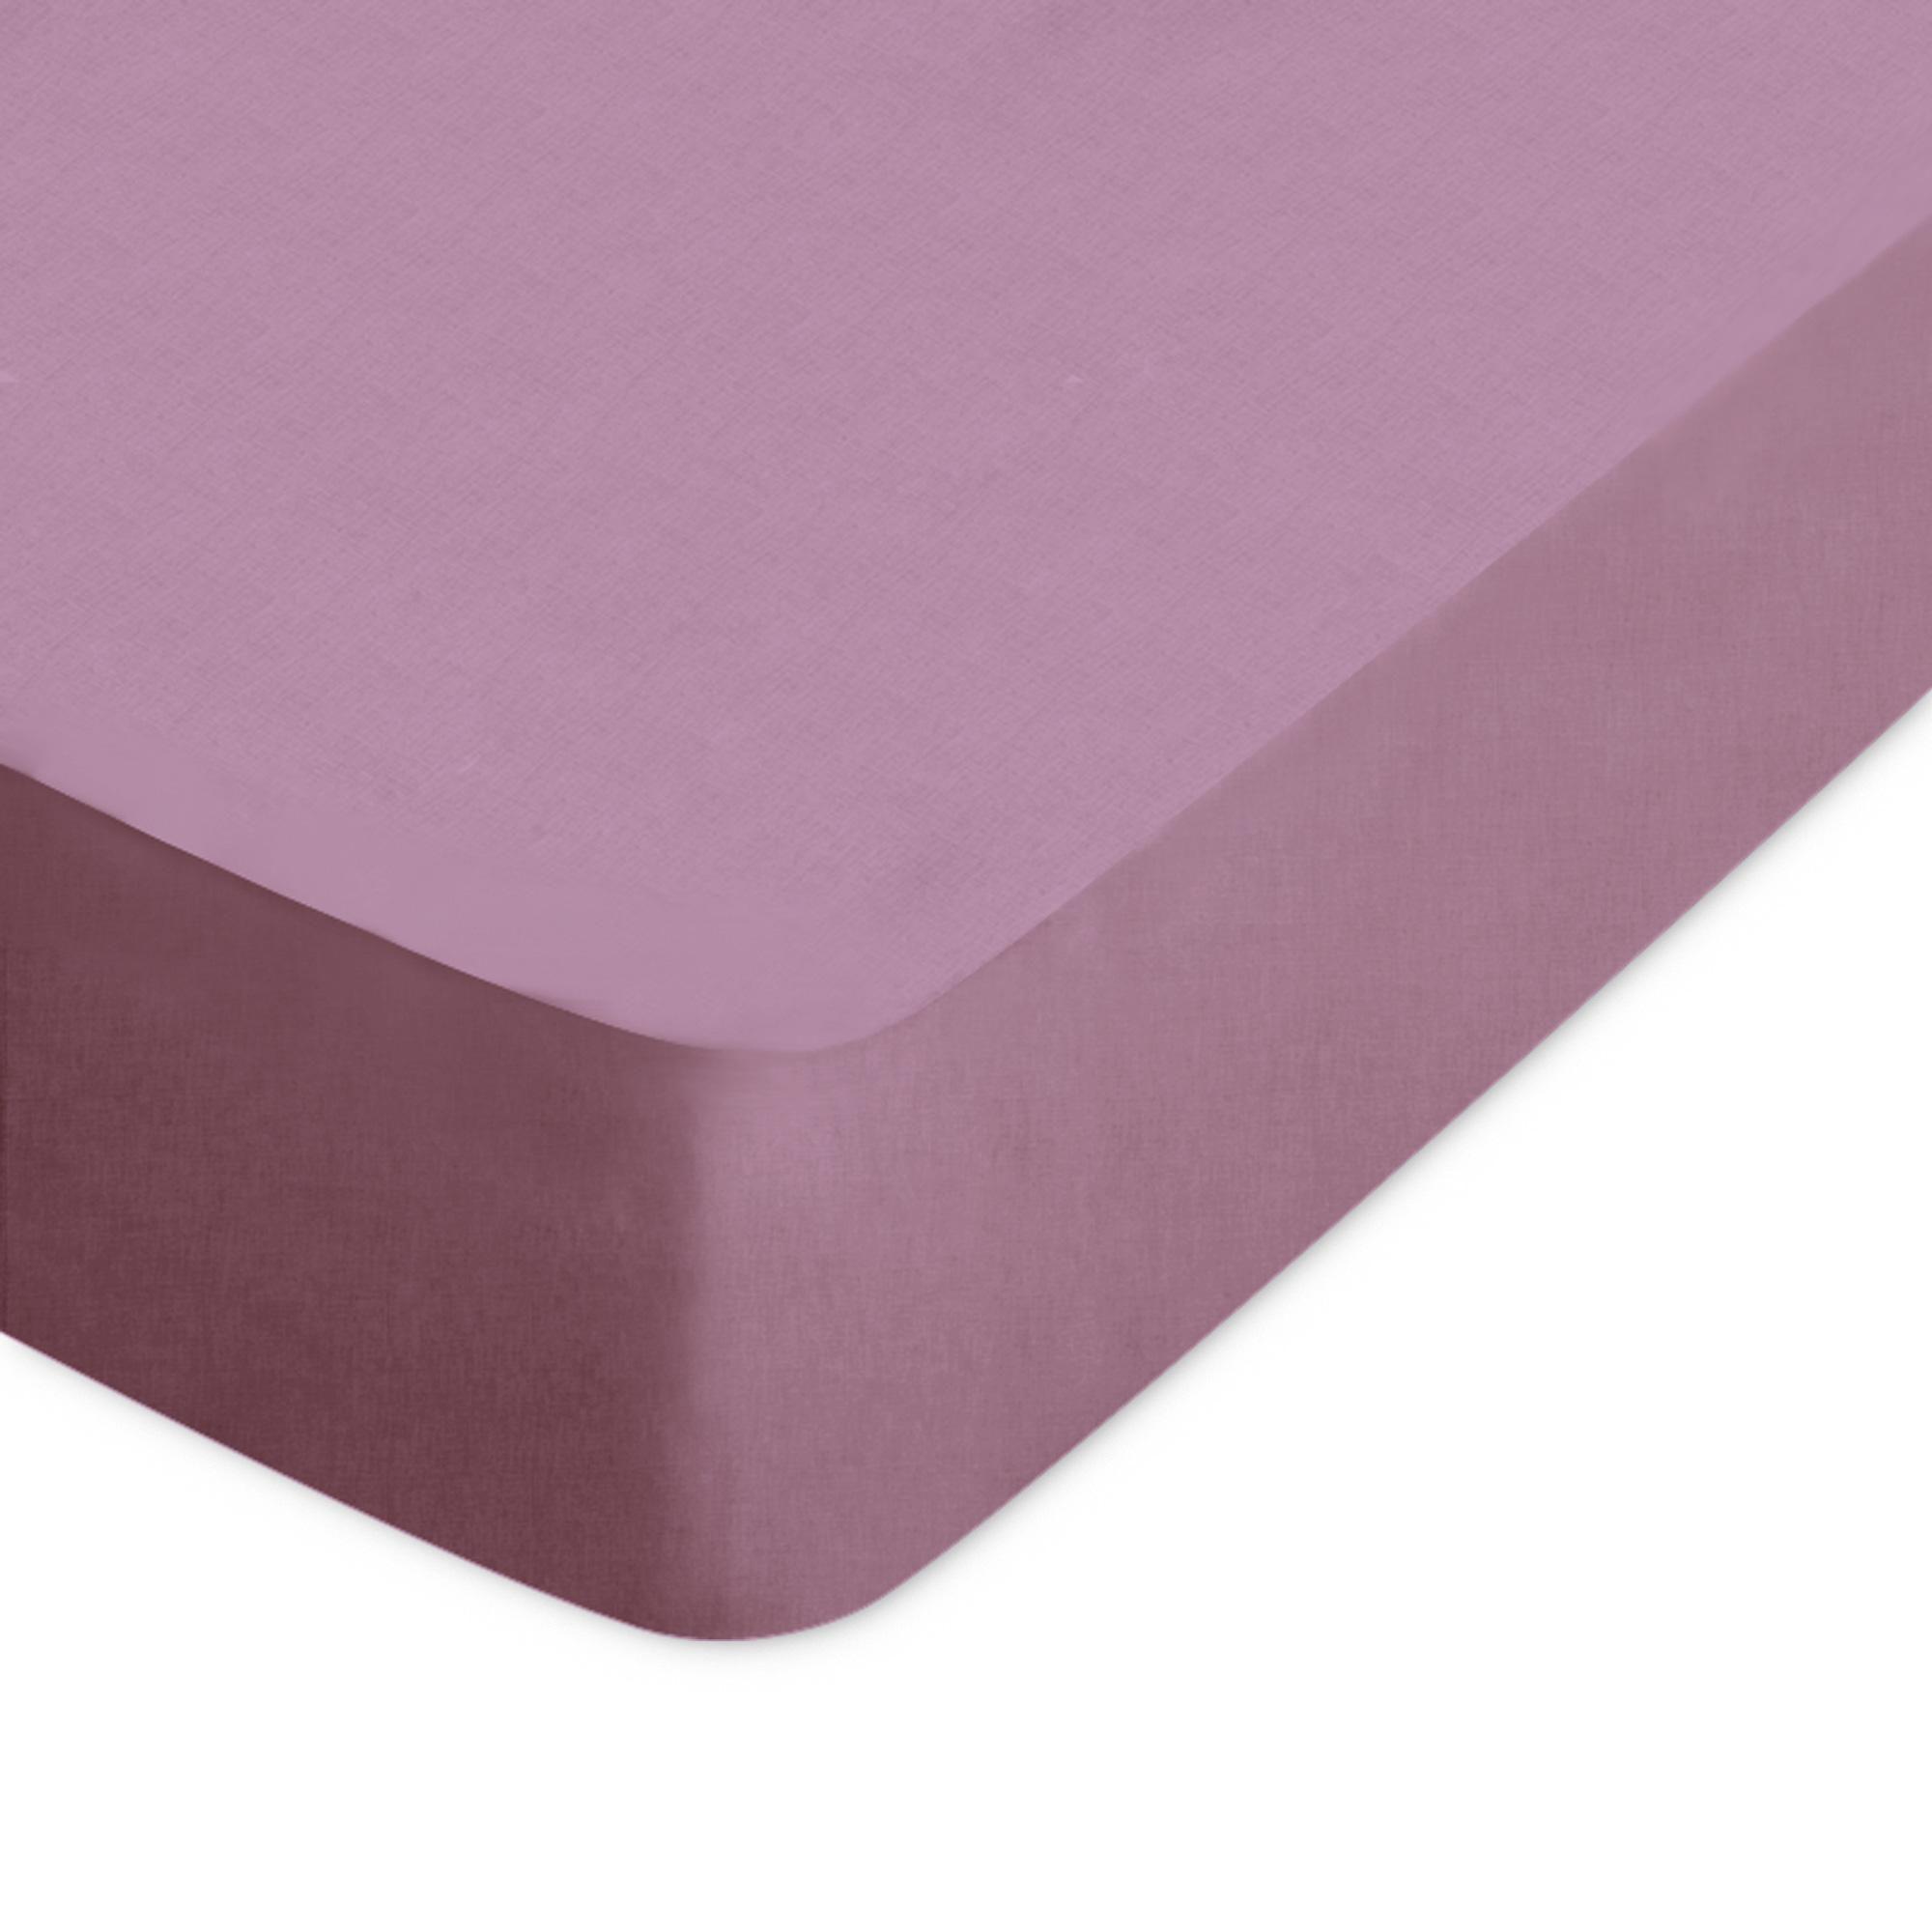 Mobilier table draps housse 120x200 for Drap housse 120x200